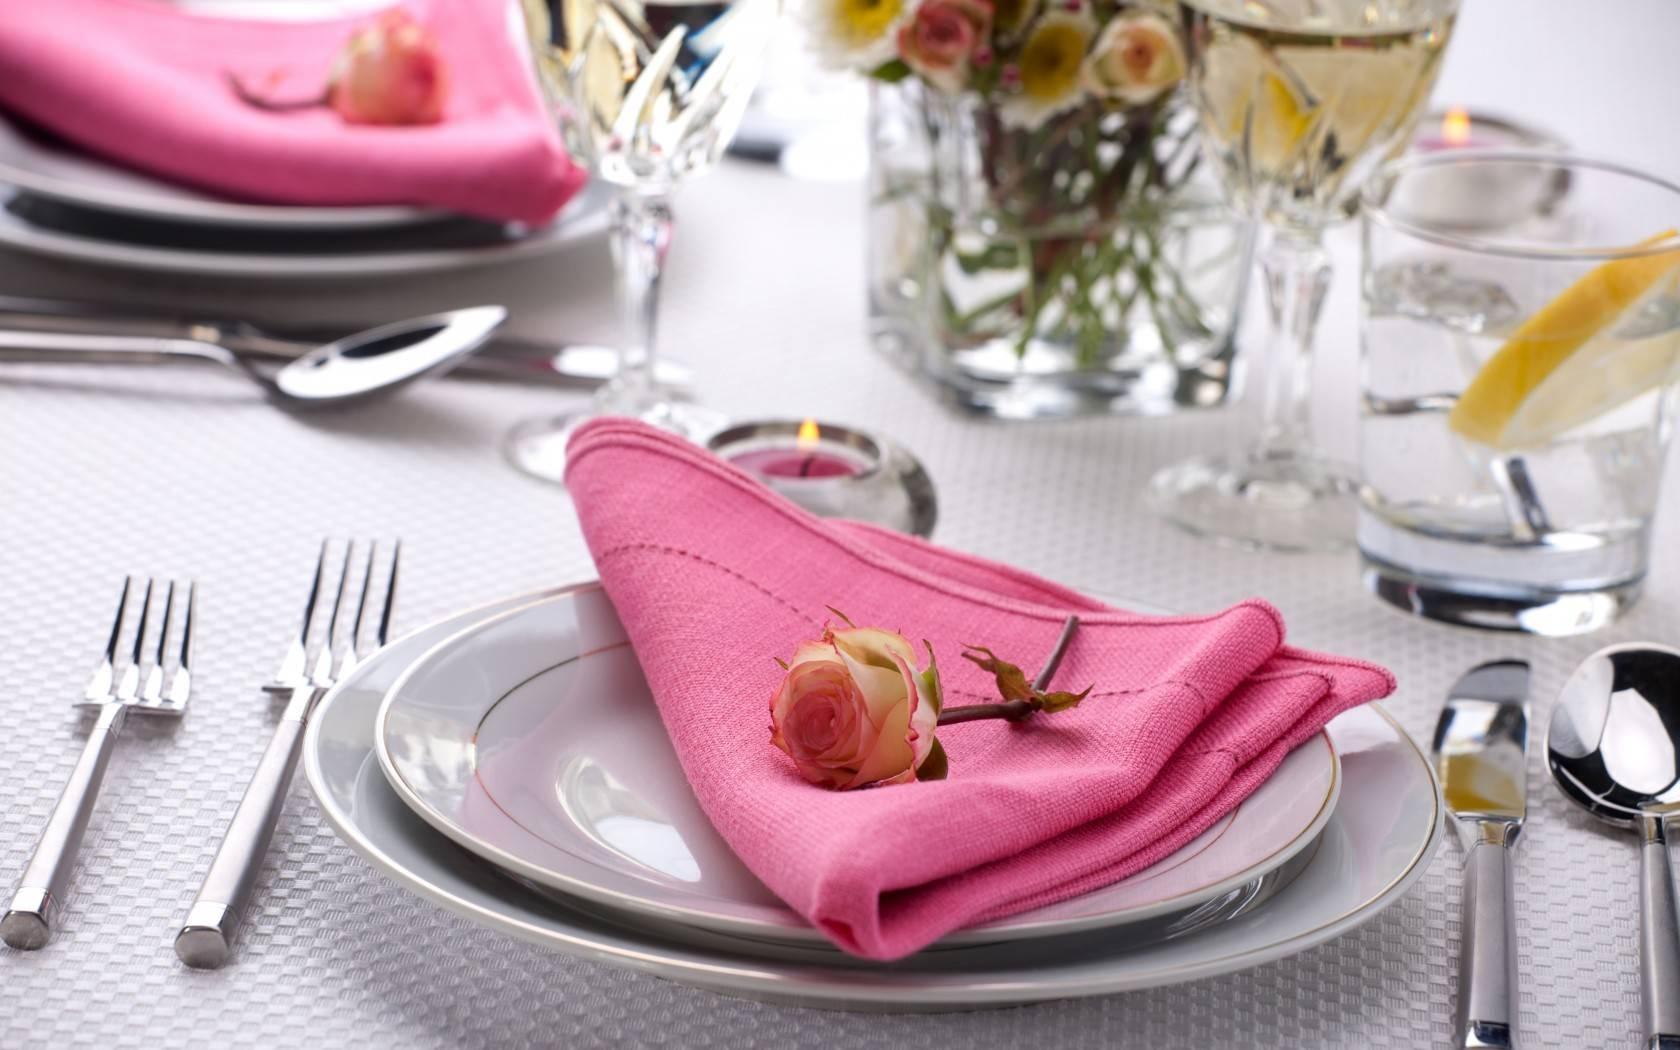 Правила сервировки стола в домашних условиях - идеи декора для праздников, банкетов, свадеб и на каждый день